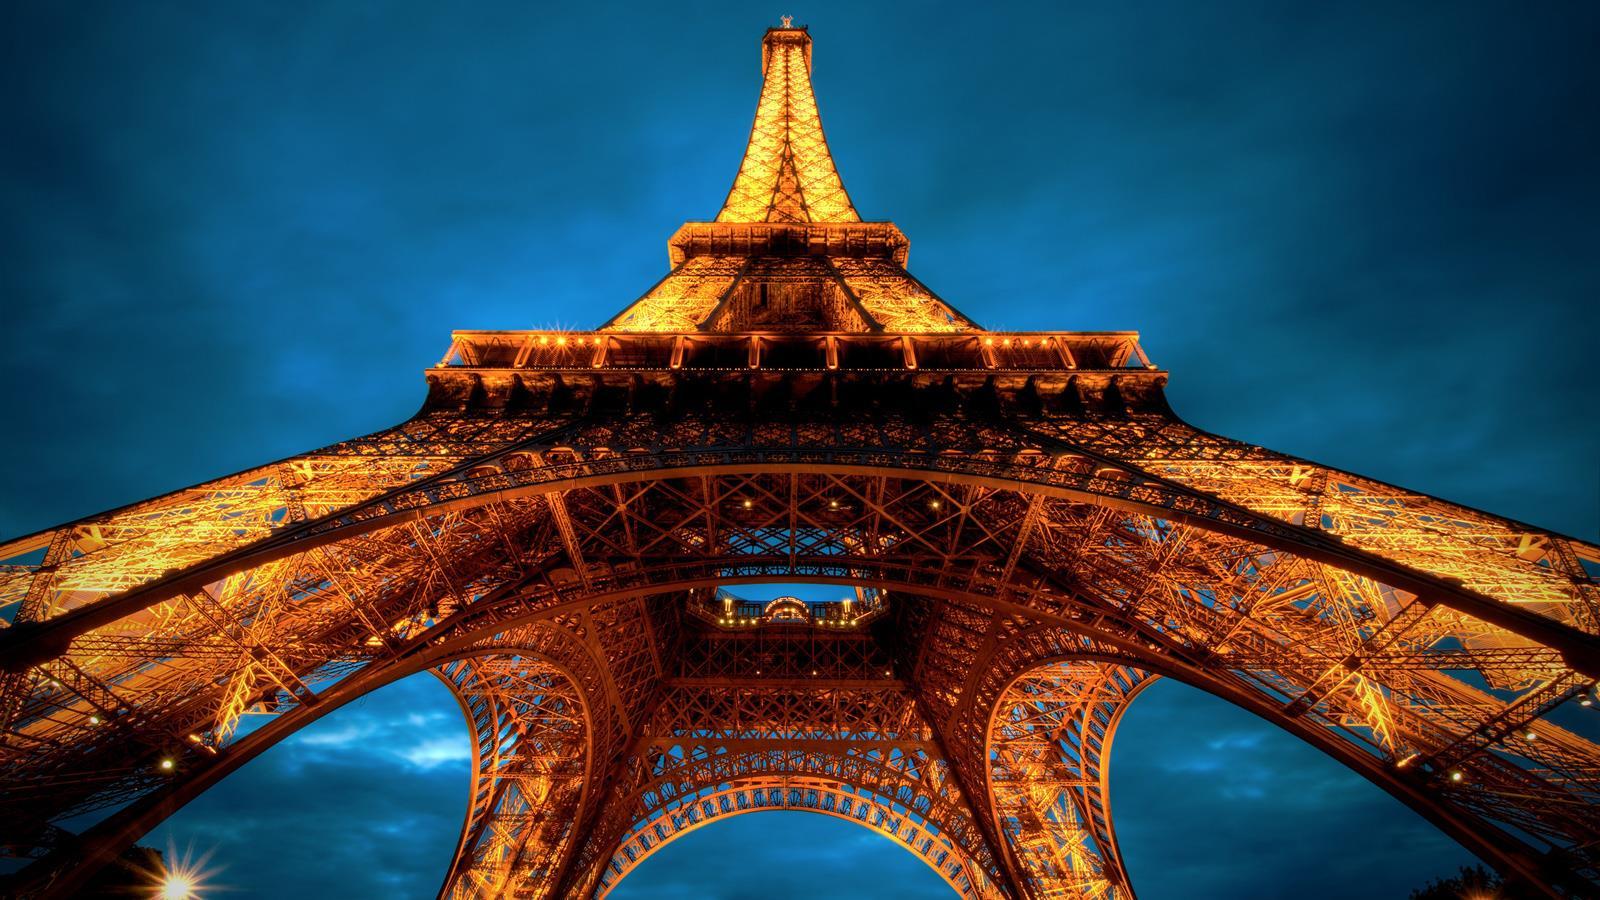 تور 12 روزه ایتالیا ، اسپانیا، فرانسه